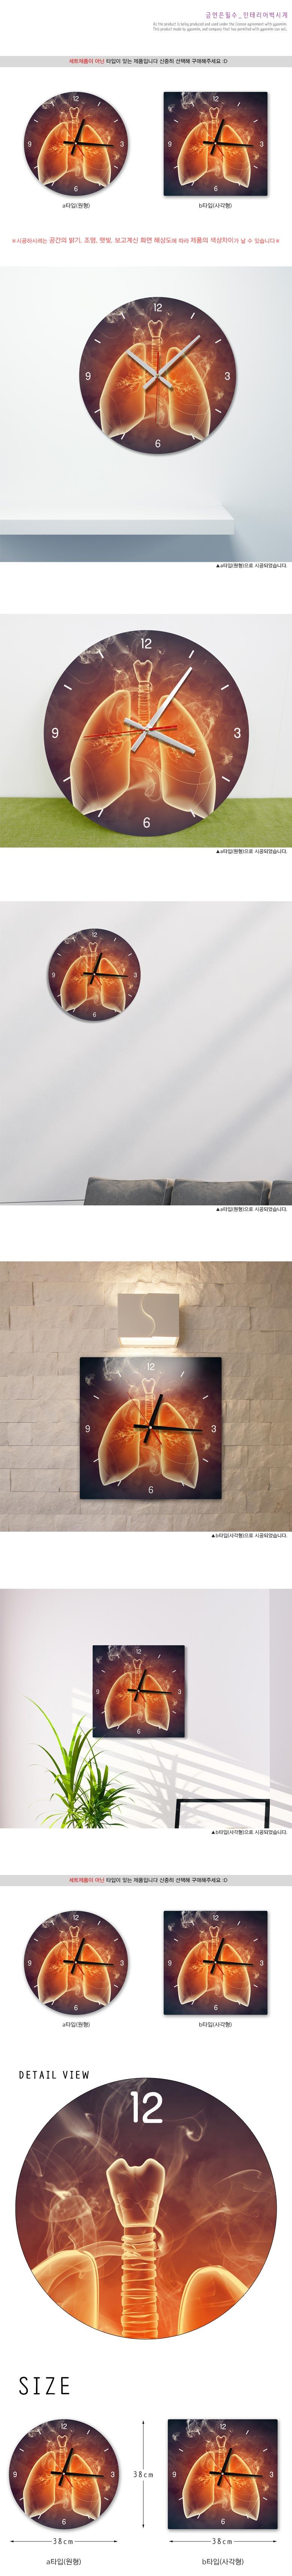 tb015-금연은필수_인테리어벽시계22,400원-꾸밈인테리어, 시계, 벽시계, 무소음/저소음바보사랑tb015-금연은필수_인테리어벽시계22,400원-꾸밈인테리어, 시계, 벽시계, 무소음/저소음바보사랑